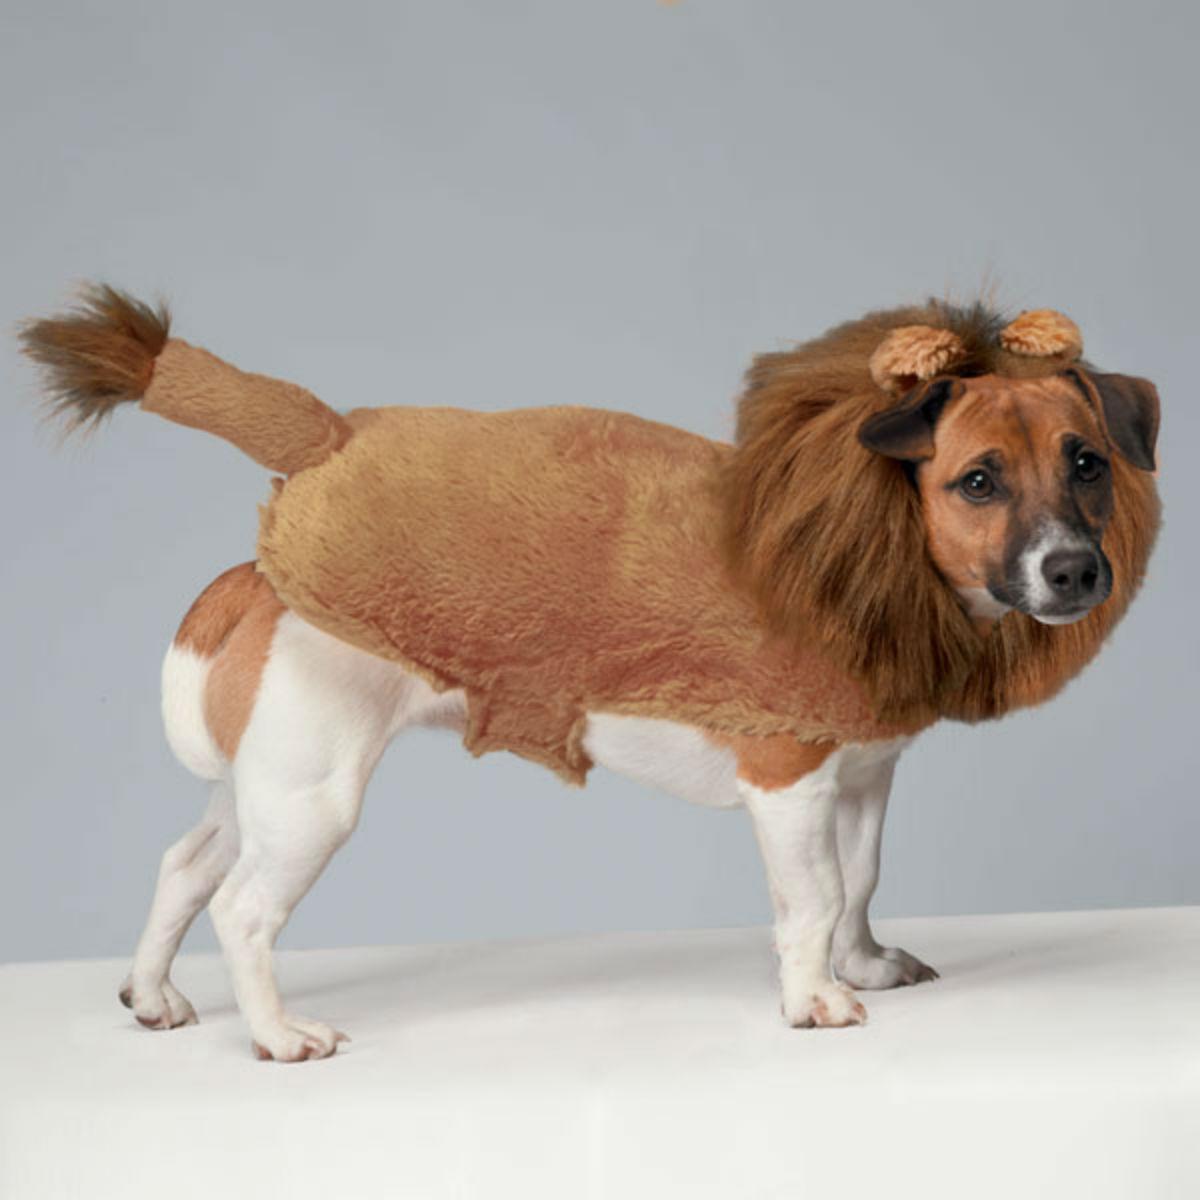 Zack & Zoey Fuzzy Lion Dog Costume